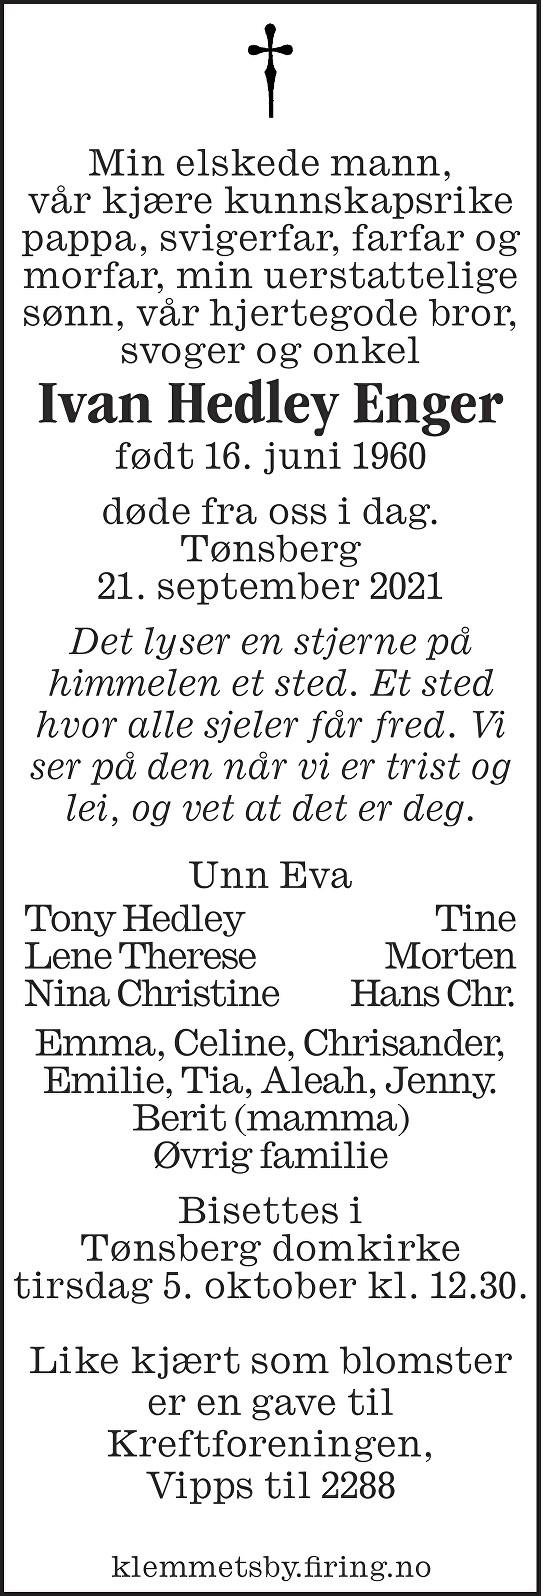 Ivan Hedley Enger Dødsannonse